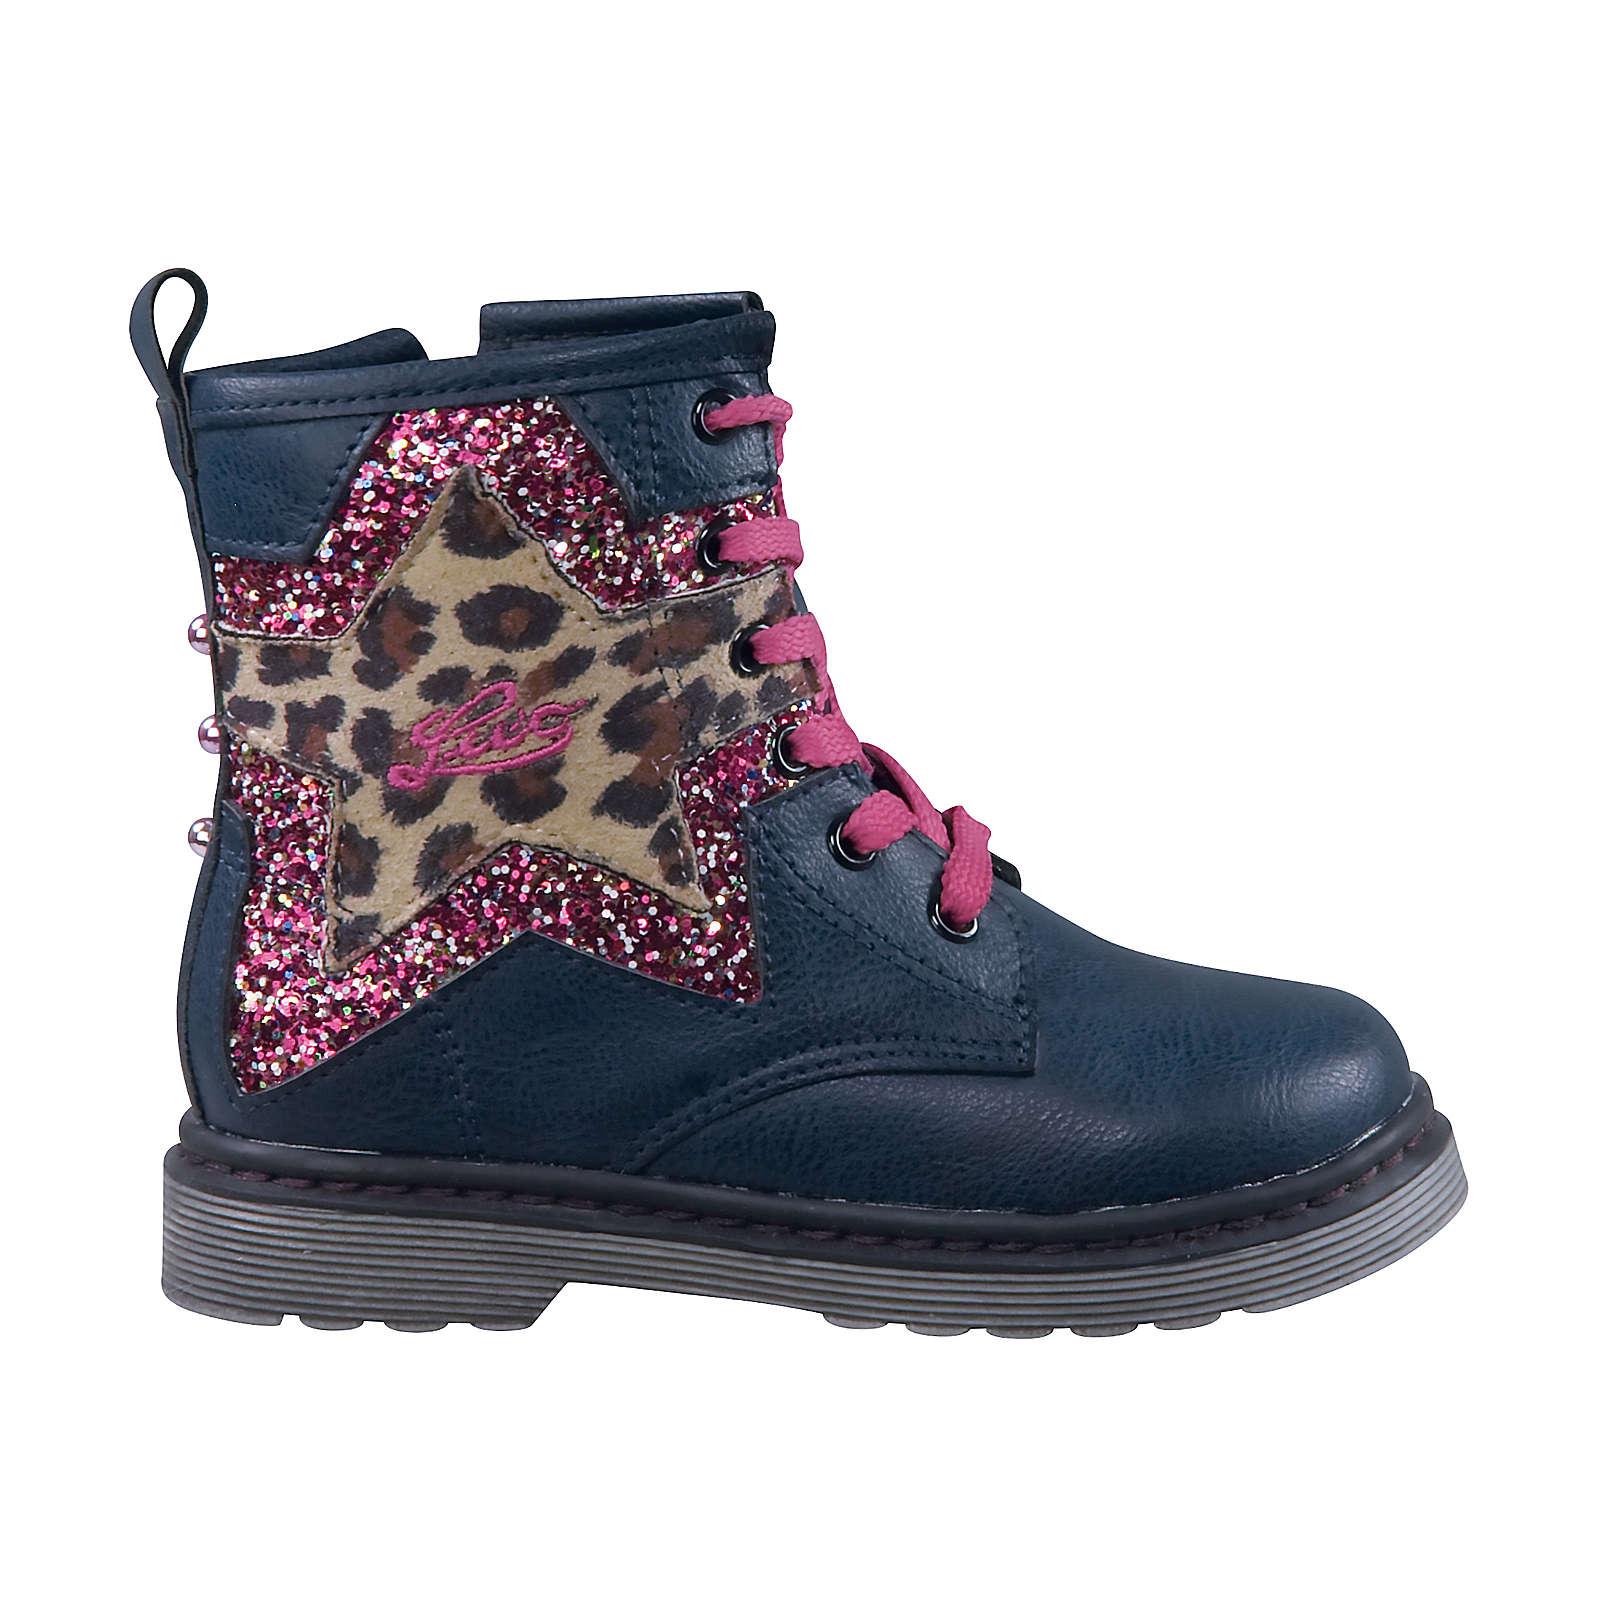 LICO Stiefel für Mädchen blau Mädchen Gr. 30